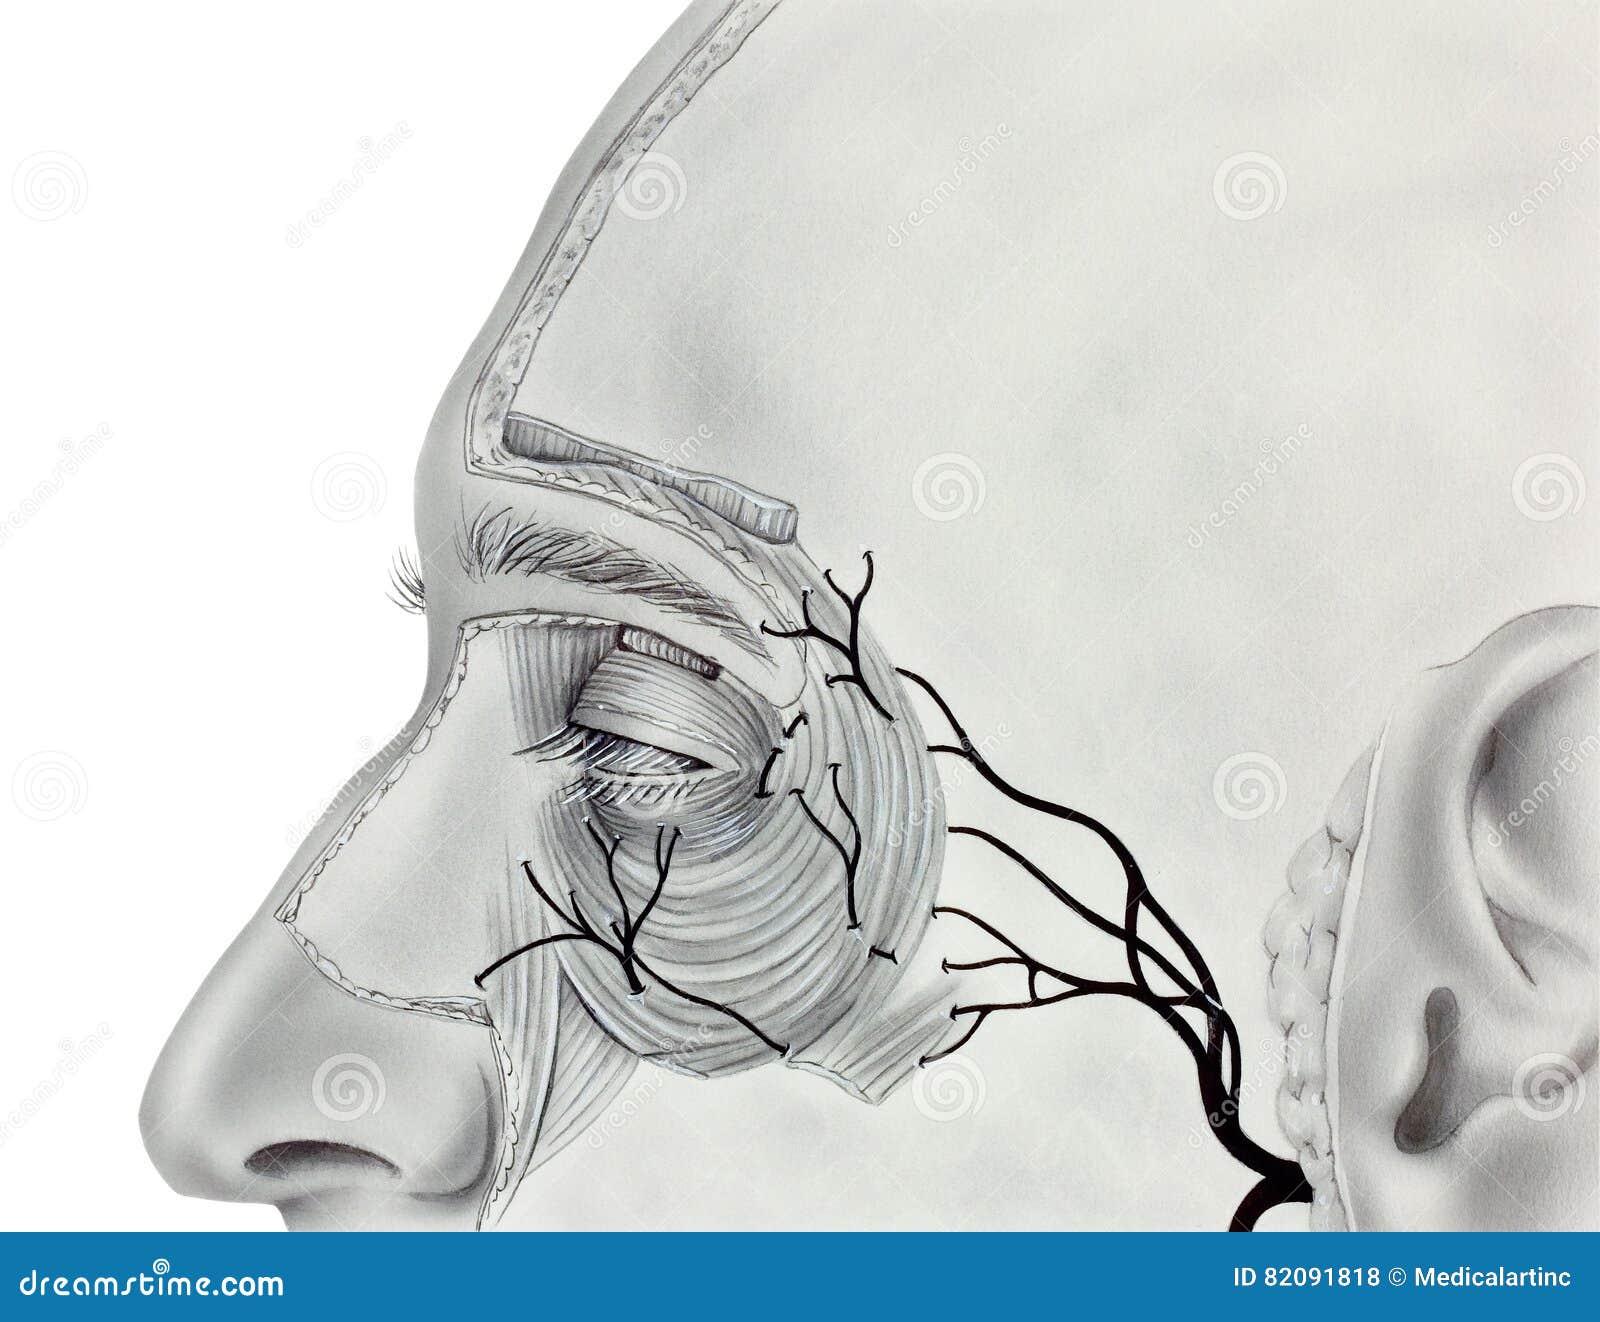 Tolle Nerven Im Auge Zeitgenössisch - Menschliche Anatomie Bilder ...